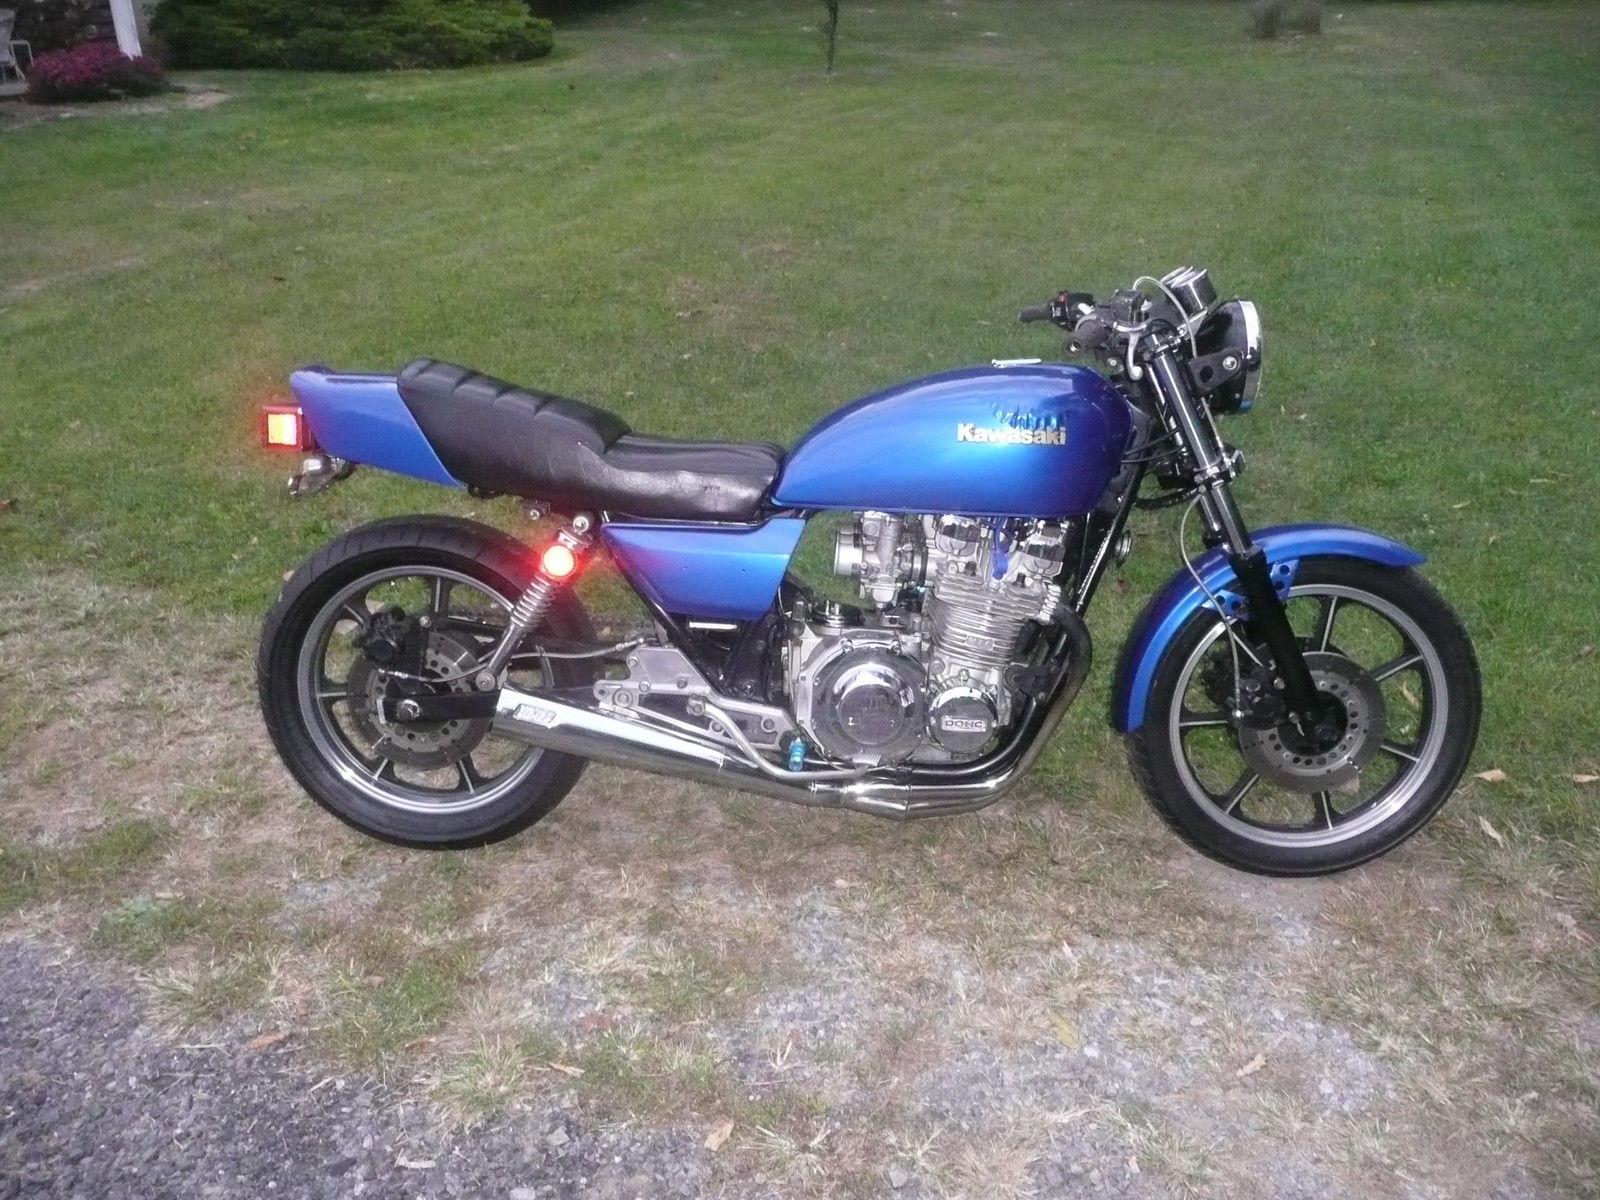 Kawasaki Kz1000 Rare 82 Kz1000j 1229cc Kz1000r Elr Kz900 Kz Z1 1980 Wiring Diagrams 1982 Other